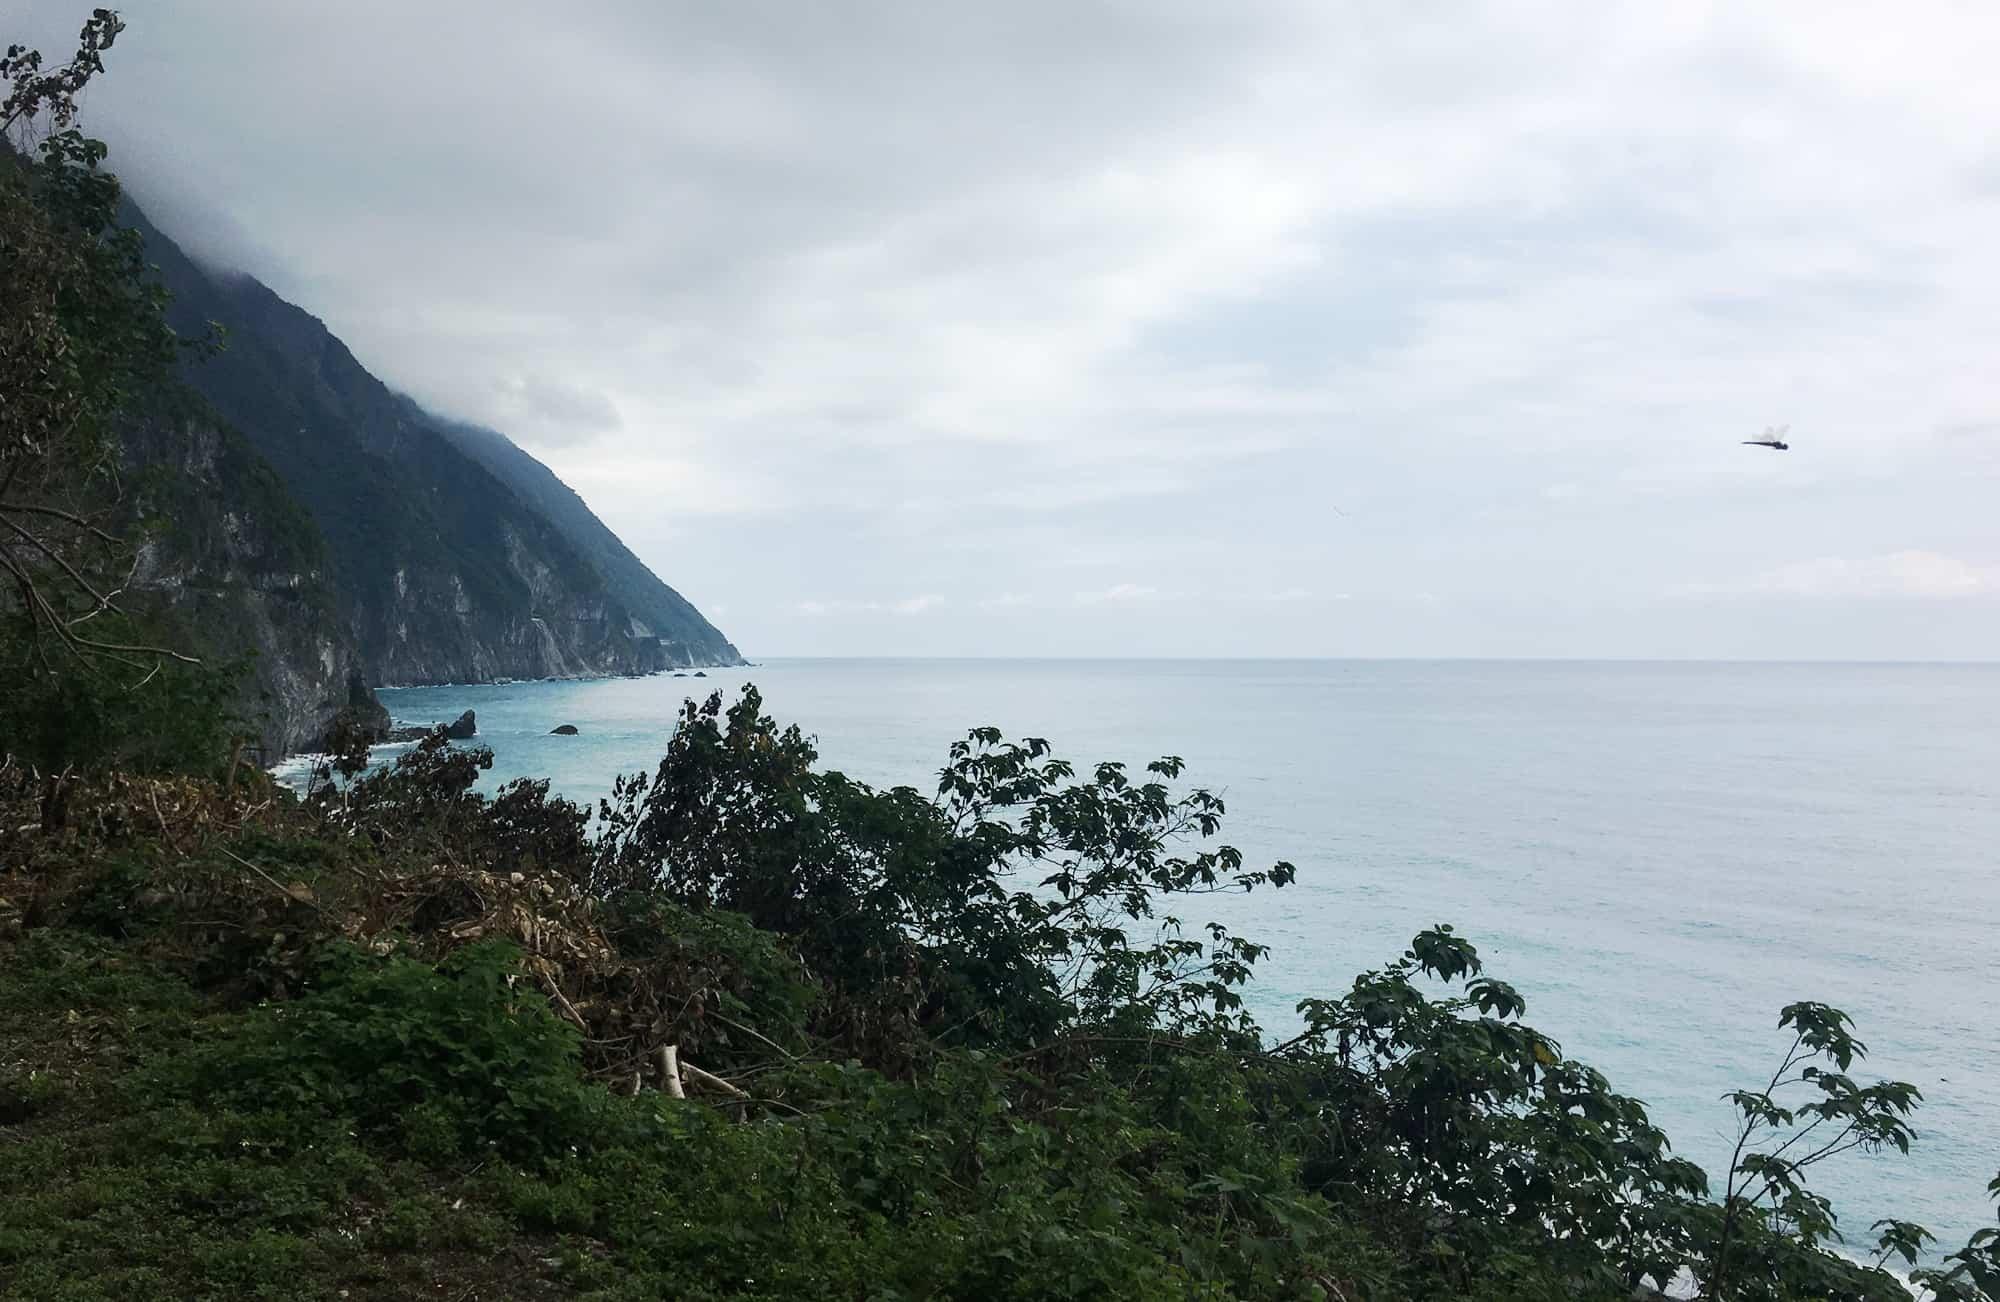 Voyage à Taïwan - Falaises de Qingshui - Amplitudes